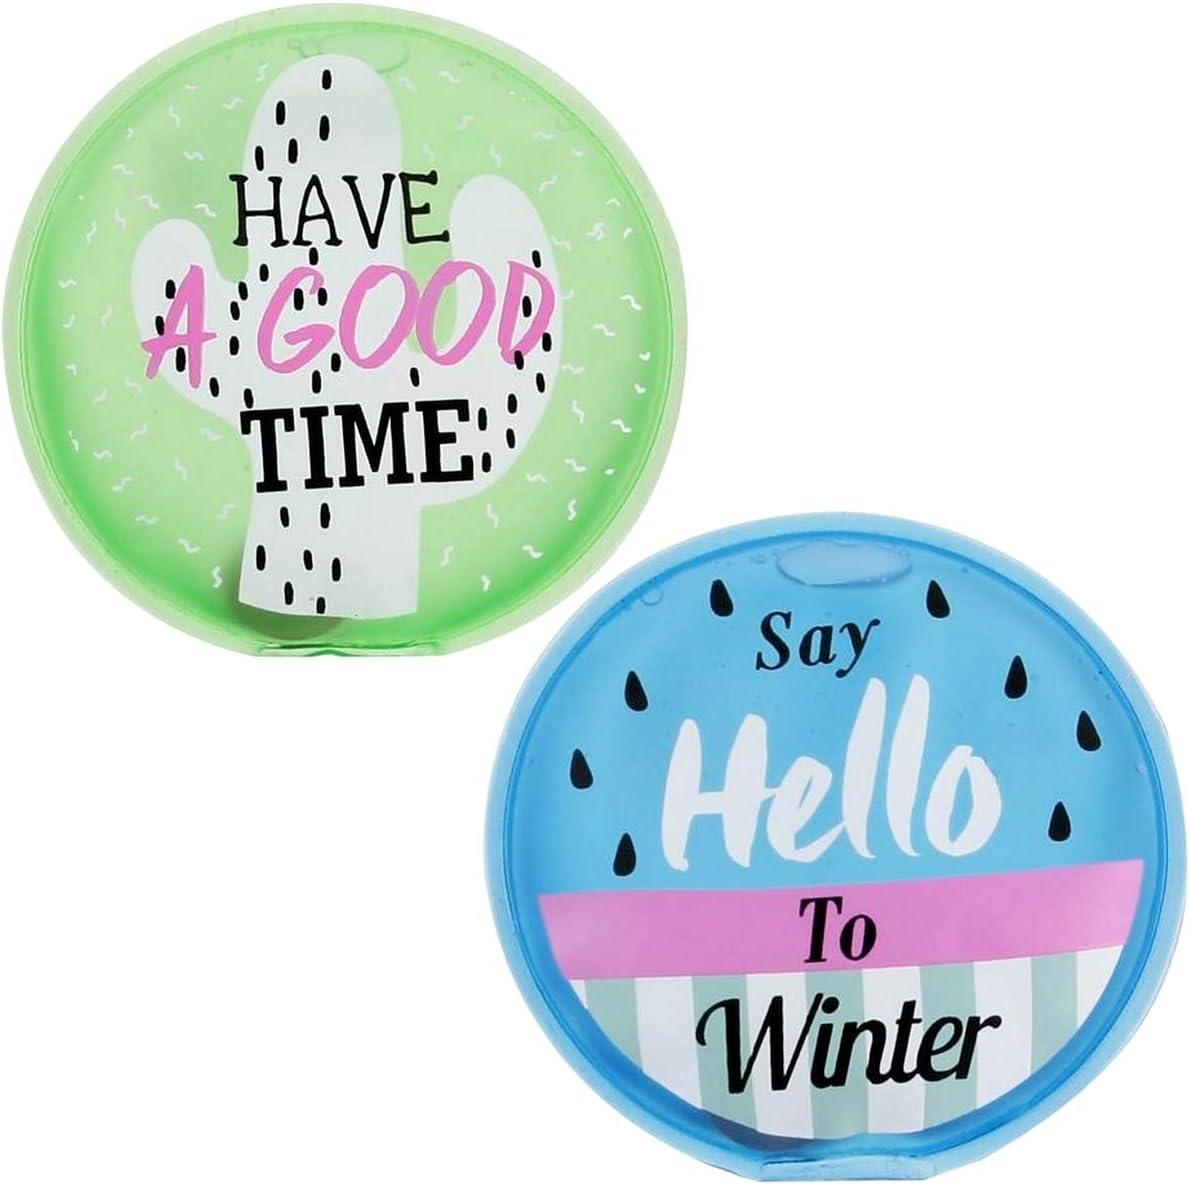 Promobo Lot 2 Mini Bouillotte Chaufferette Poche Inscription Winter Have A Good Time